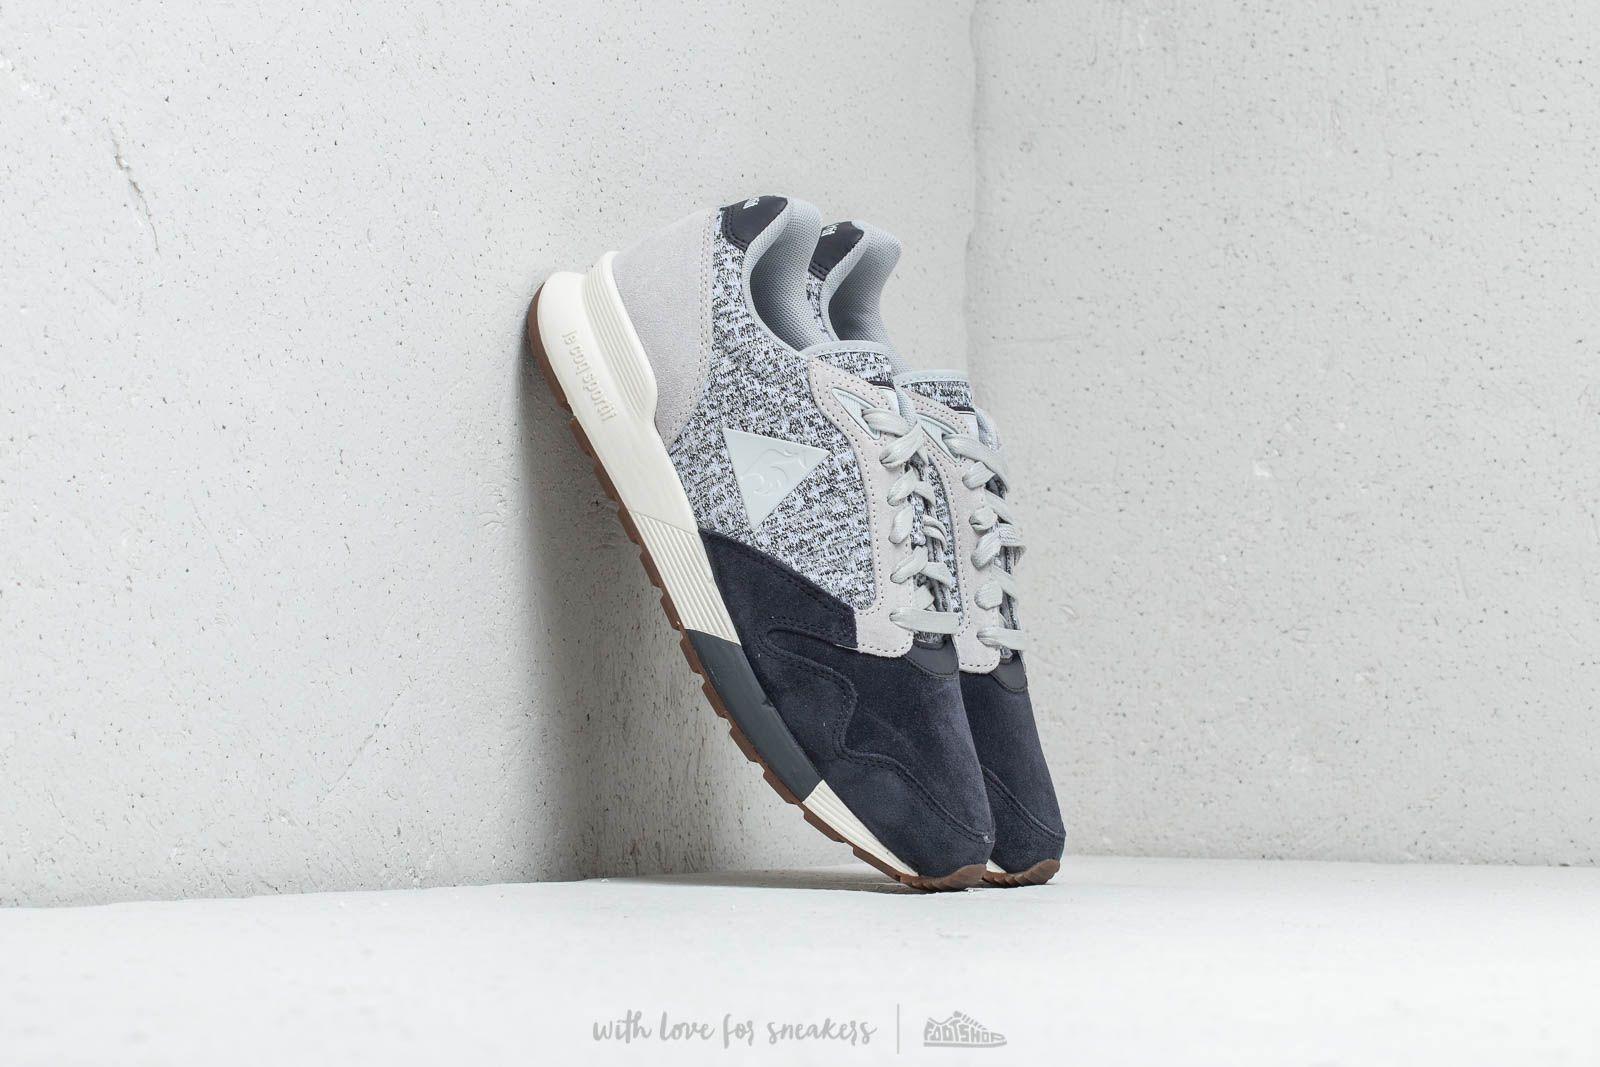 Le Coq Sportif Omega x Wool Galet/ Nine Iron za skvělou cenu 1 730 Kč koupíte na Footshop.cz